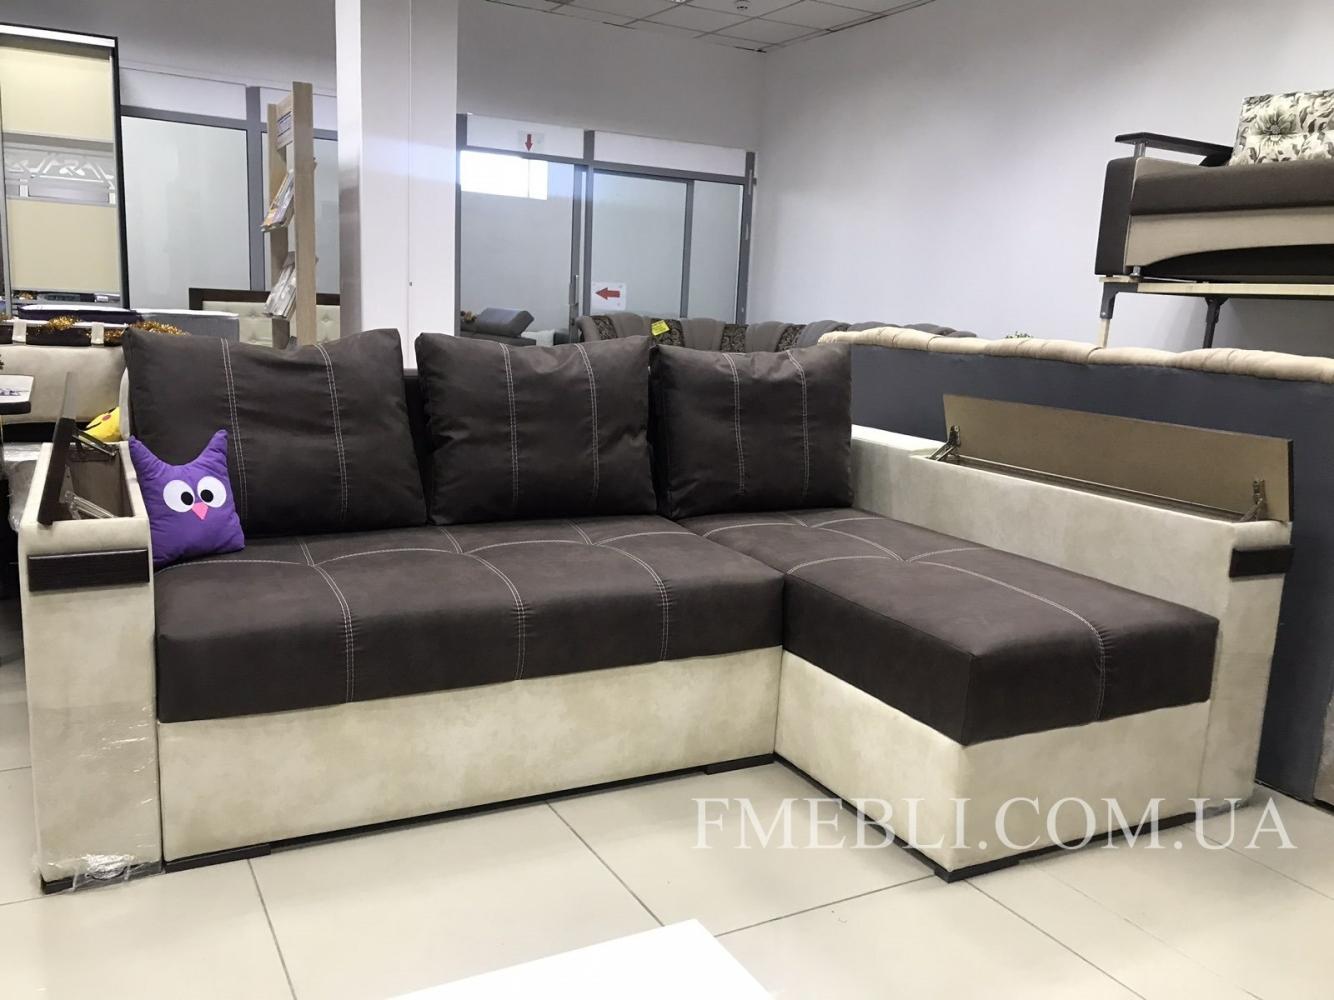 Кутовий диван Легінь 2 +Відеоогляд 7